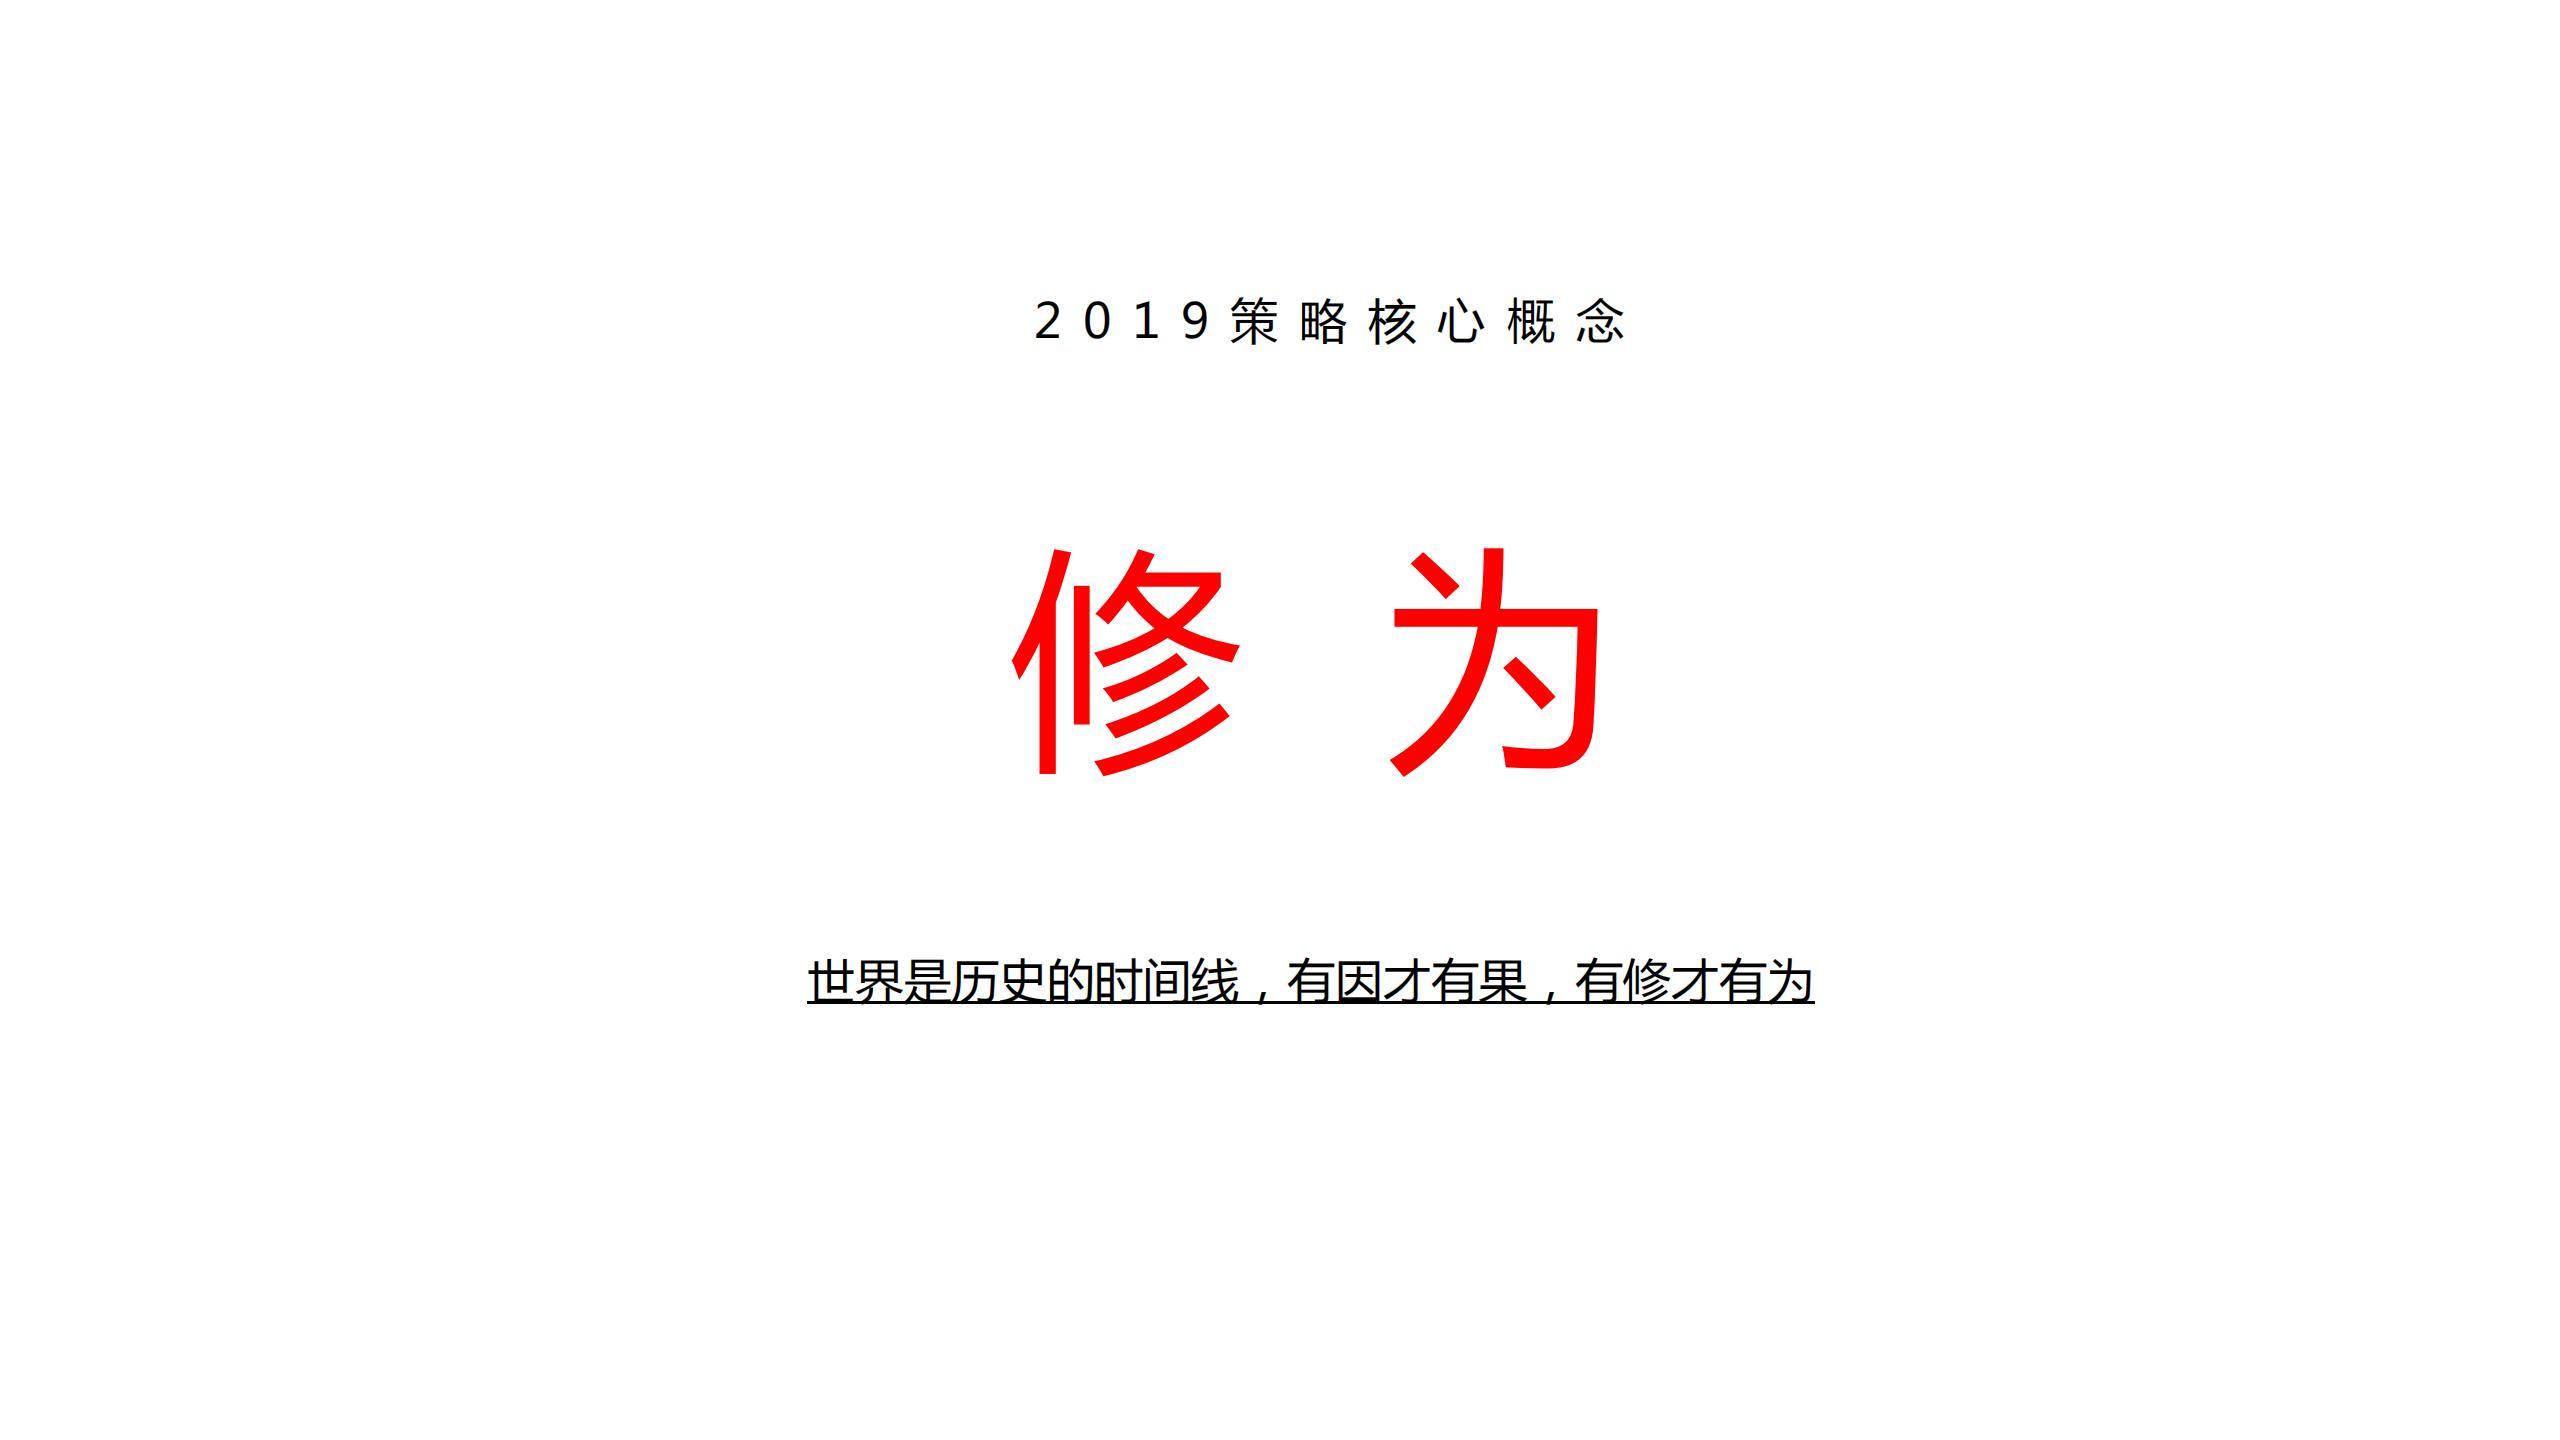 2019蓝城多乐美地整合推广方案,献给世界旅居的梦想